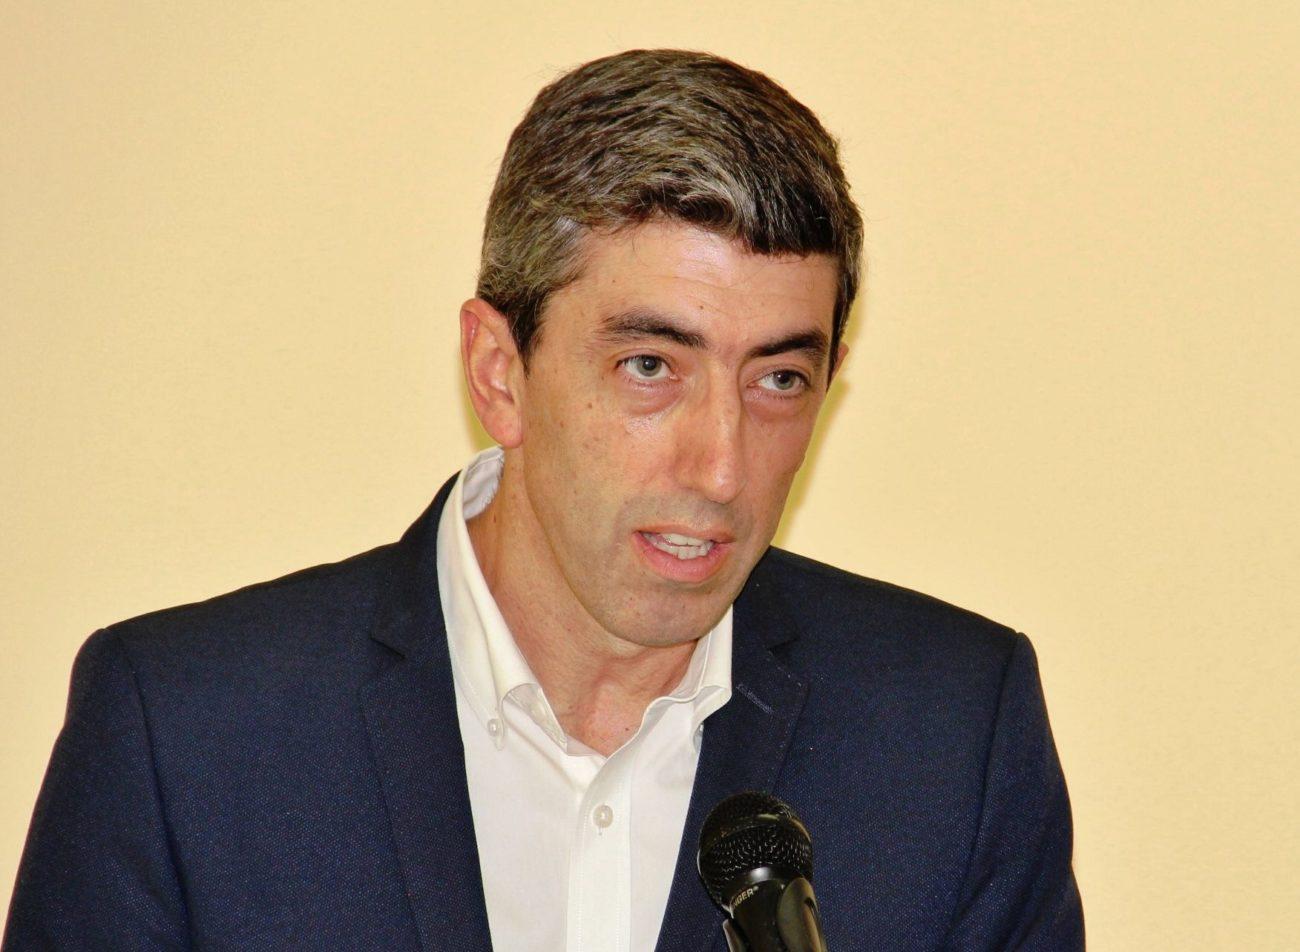 """Amares. """"Apoiar as empresas e comerciantes não passa por distribuir cartazes porta a porta"""", diz Pedro Costa"""